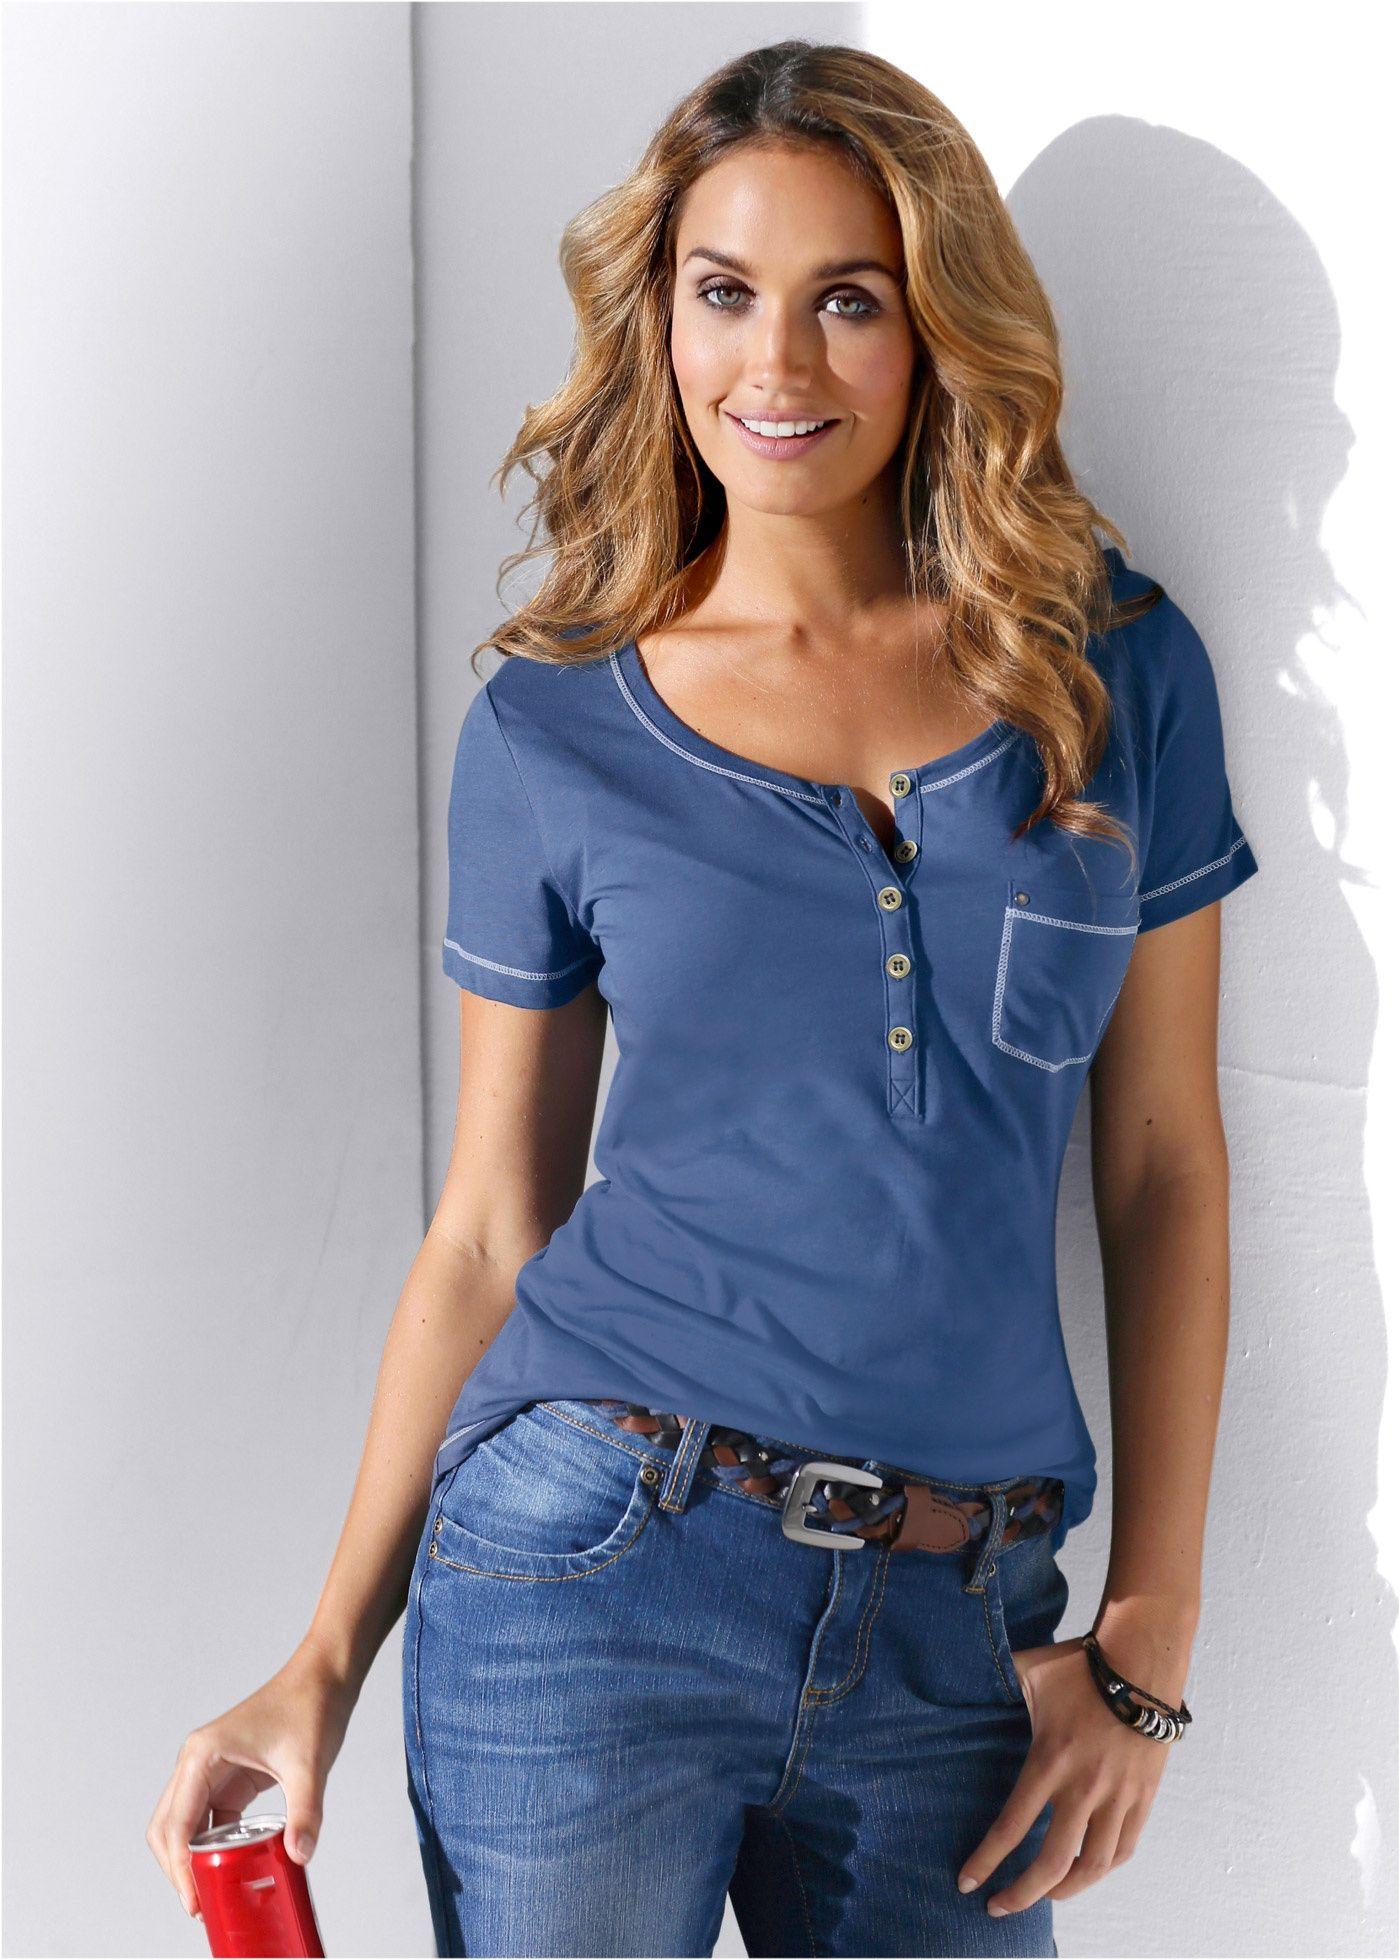 211222f52f Blusa henley azul índigo encomendar agora na loja on-line bonprix.com.br